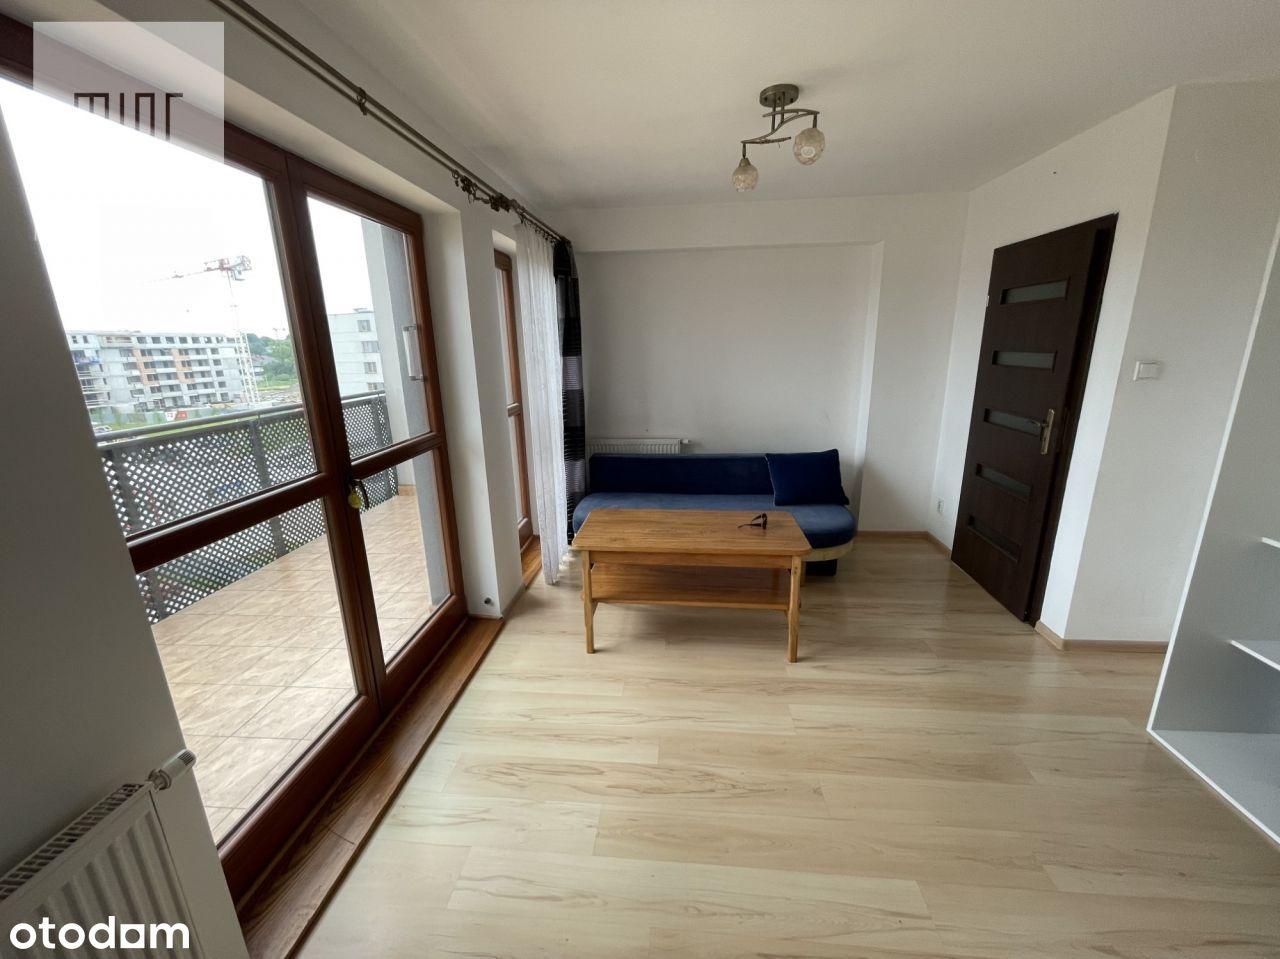 Mieszkanie, 56 m², Kraków